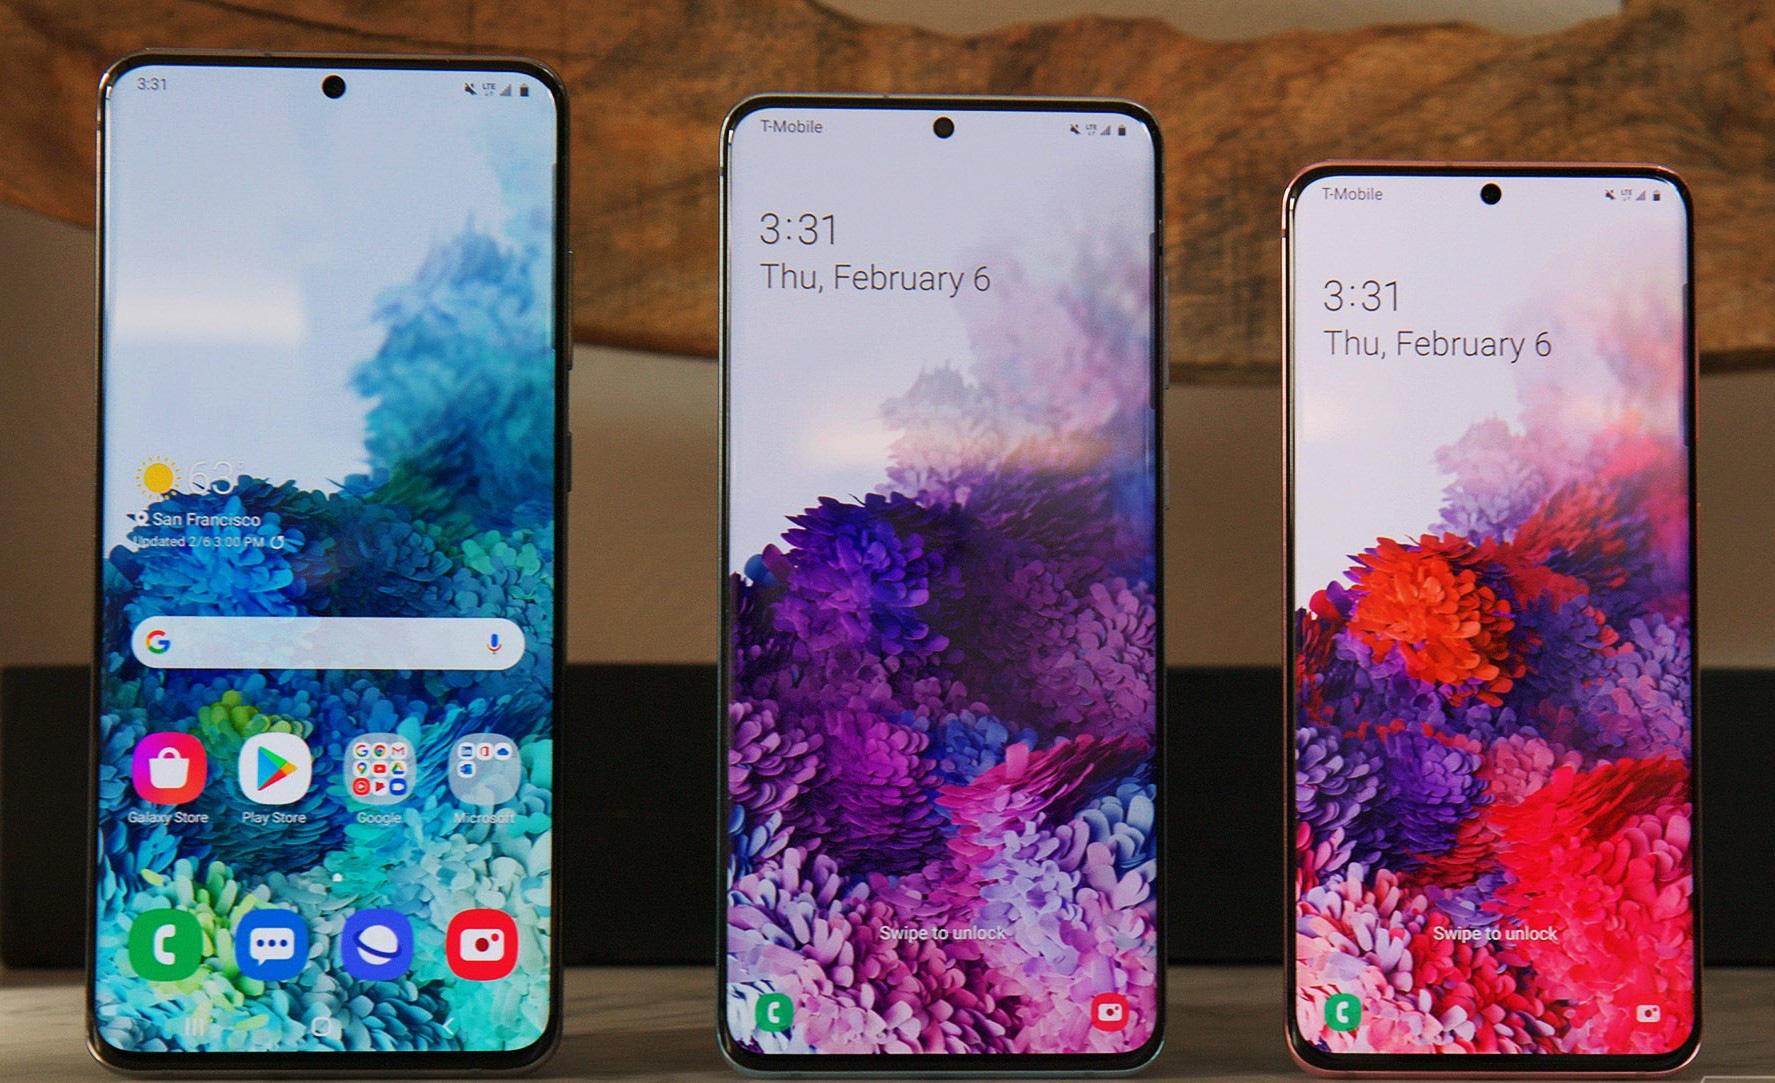 Samsung Galaxy S20 kém hấp dẫn người dùng Việt Nam khi có lượng đặt hàng thấp - Ảnh 1.